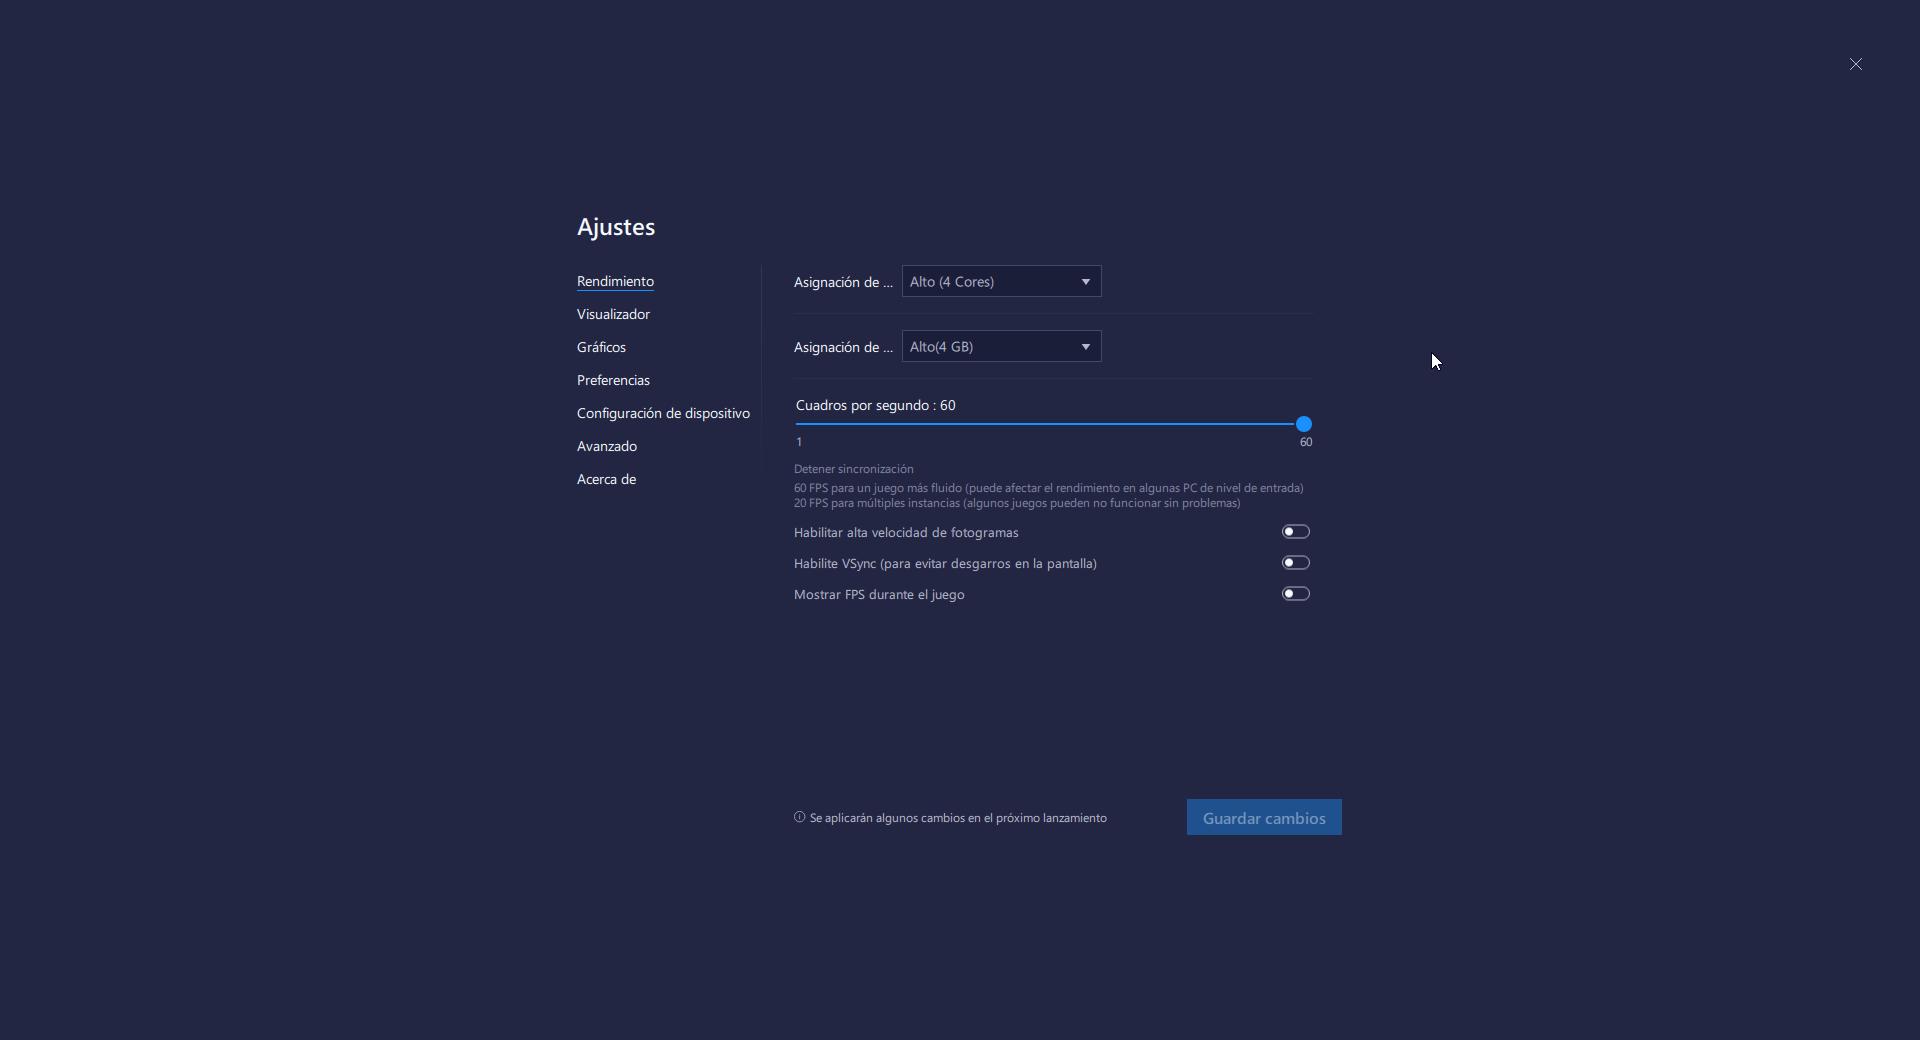 BlueStacks 5 – Desata la Experiencia de Juego en PC que Siempre Has Deseado